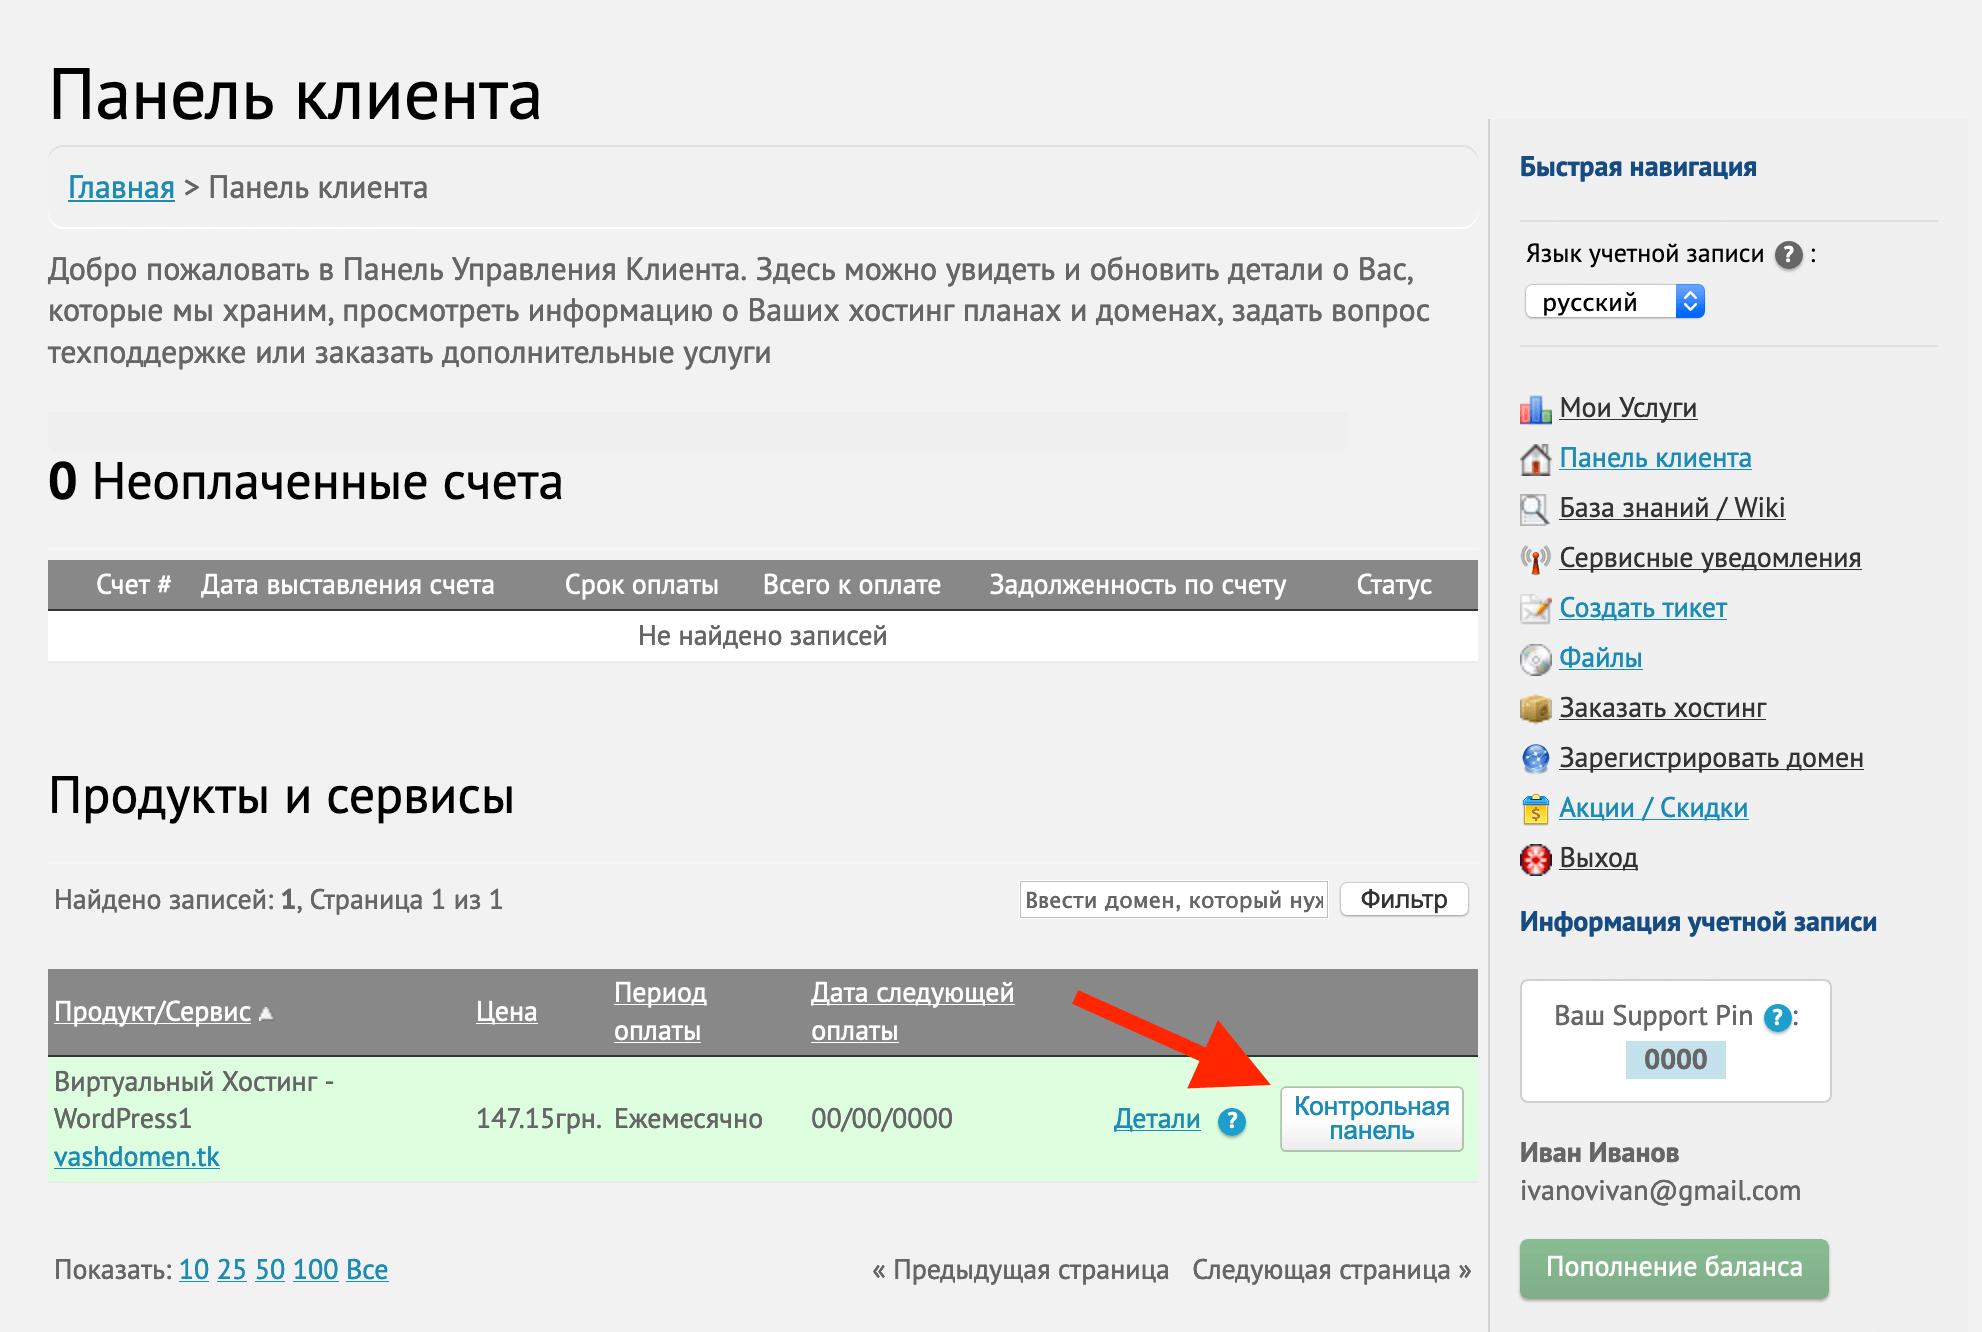 """Раздел """"Мои услуги"""" в Панели клиента на hostiq.ua"""